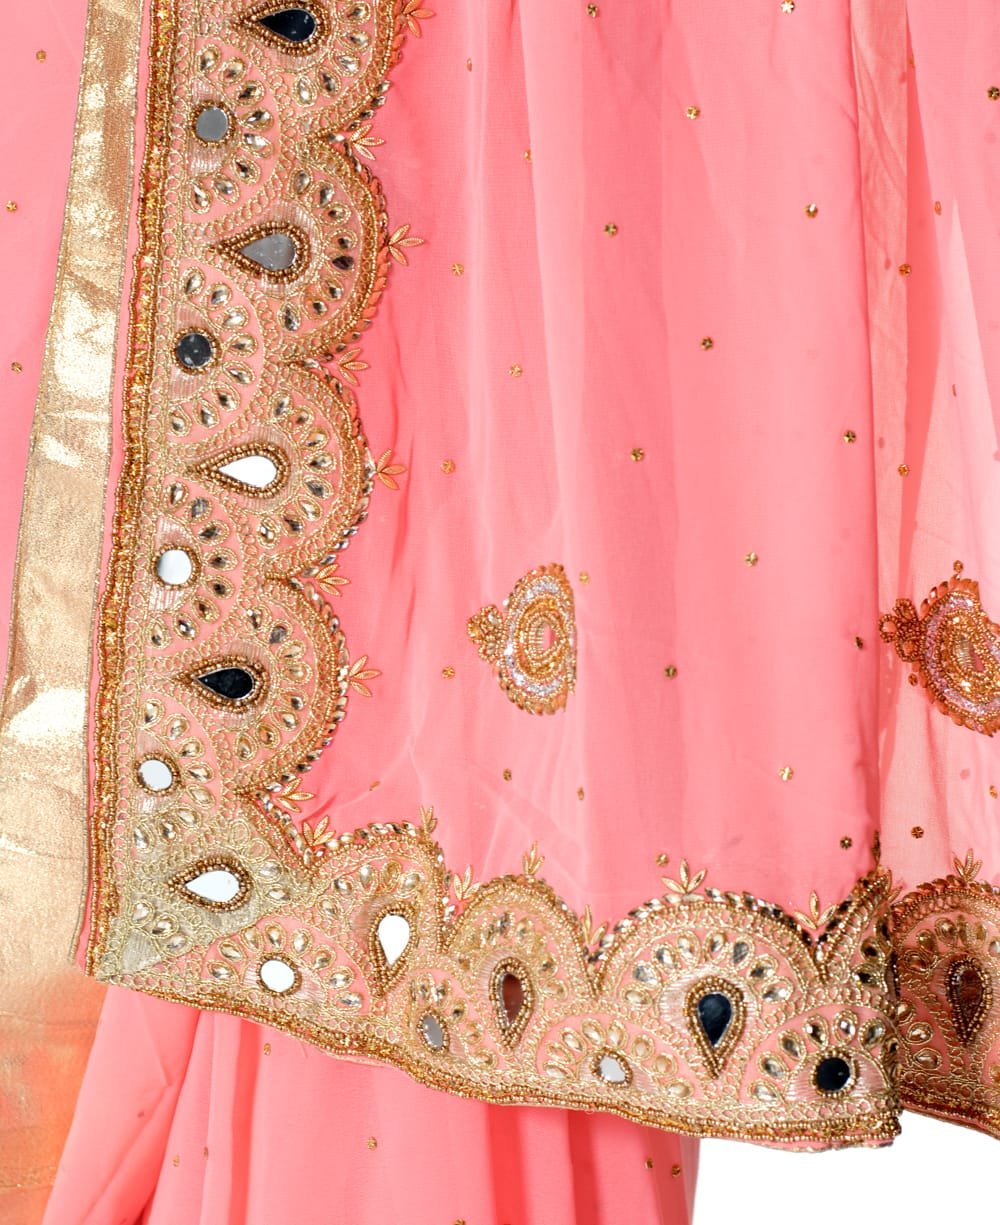 【一点物】ミラーワークと刺繍の婚礼用ゴージャス ジョーゼットサリー【チョリ付き】 - ピンク 7 - 縁の拡大写真です